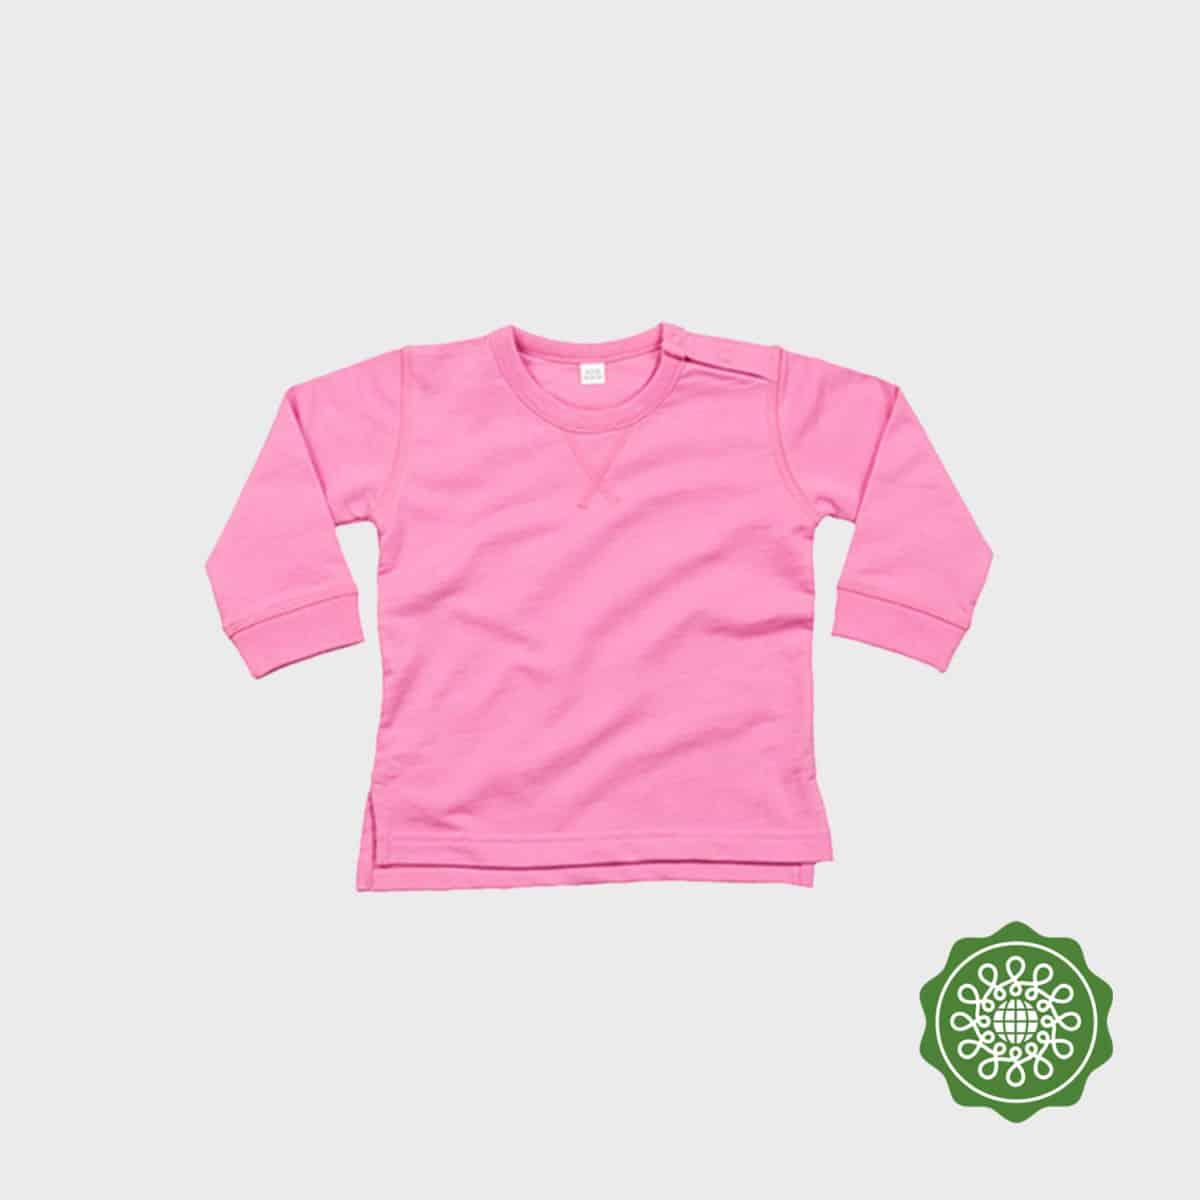 Baby-Sweatshirt-besticken